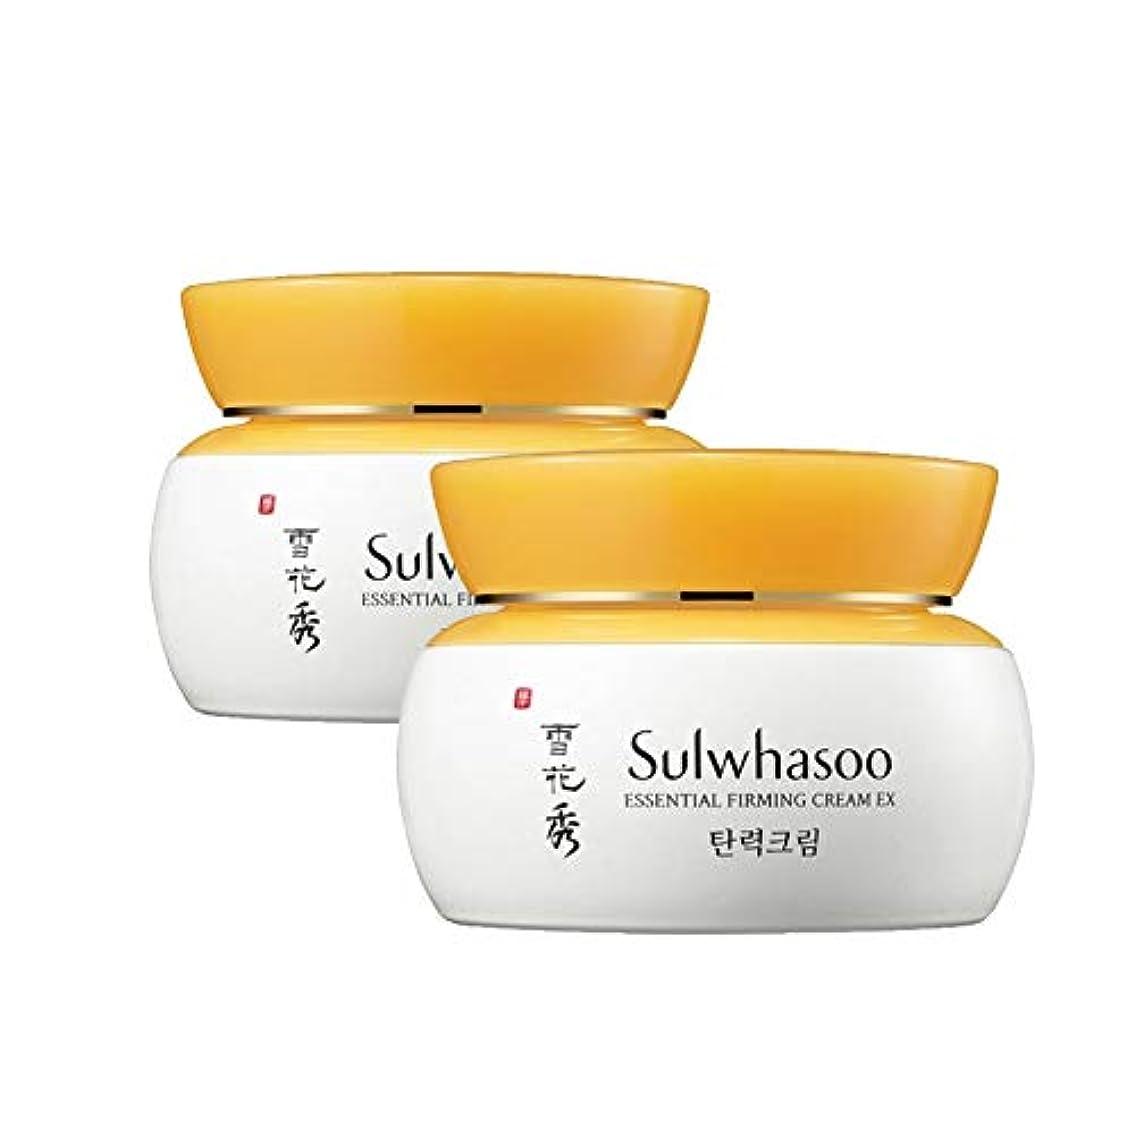 十一食い違い寝室雪花秀エッセンシャルパーミングクリーム 75mlx2本セット弾力クリーム韓国コスメ、Sulwhasoo Essential Firming Cream 75ml x 2ea Set Korean Cosmetics [並行輸入品]